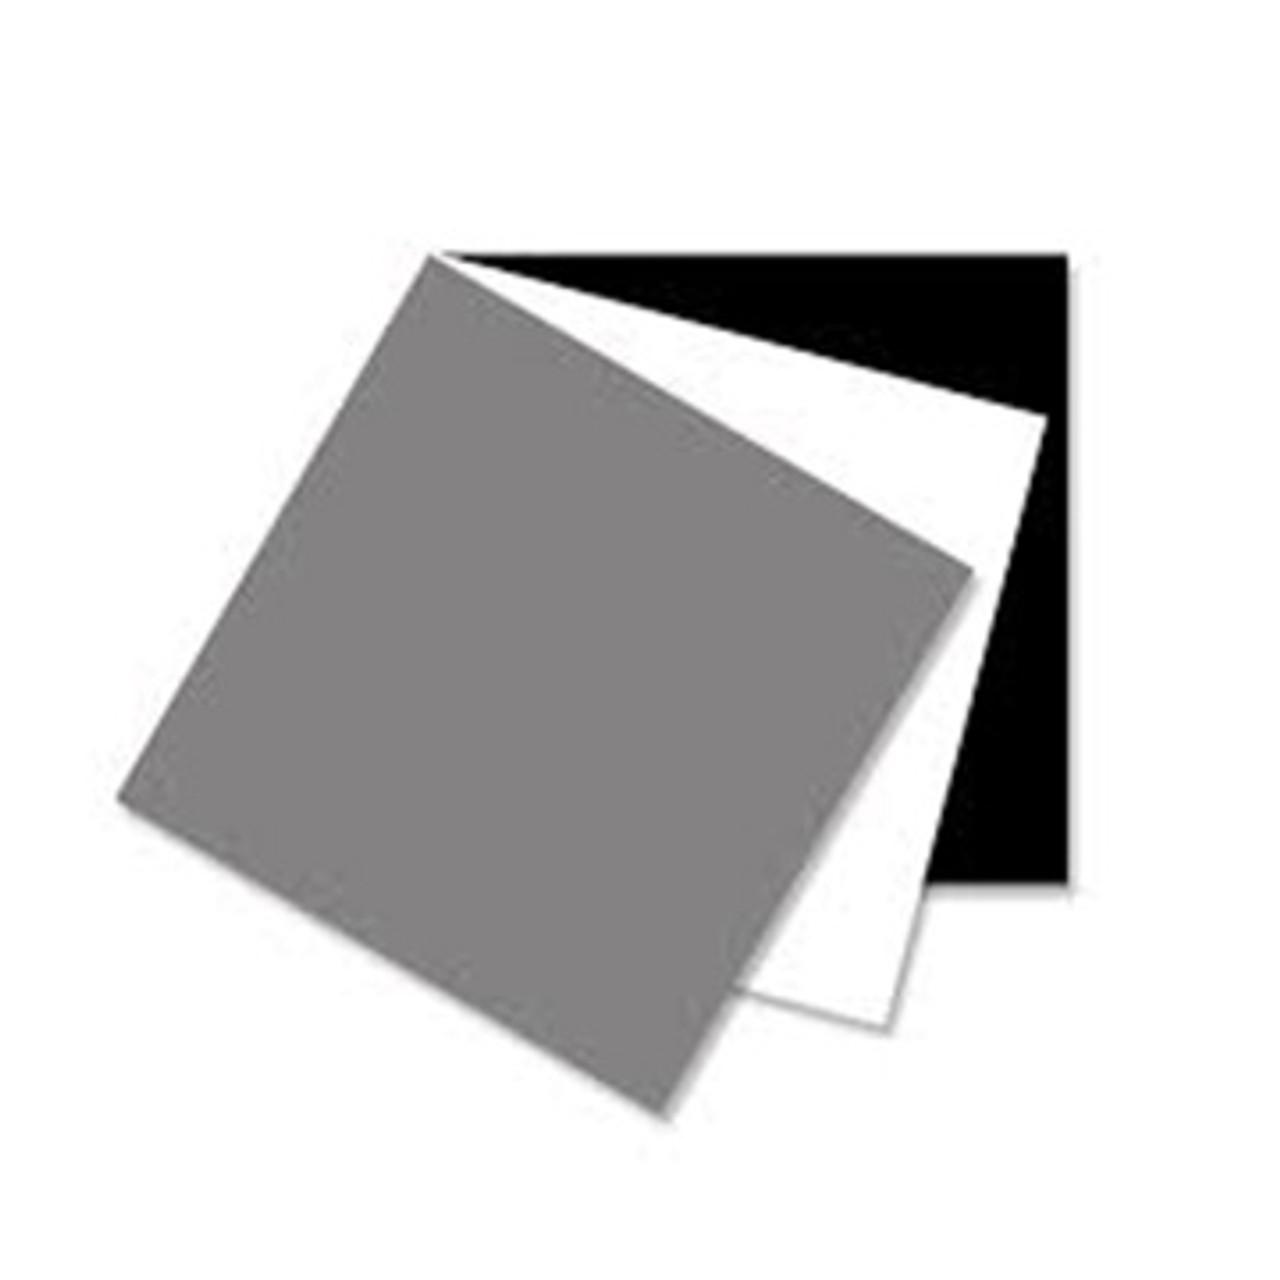 Rosco Floor Tiles - White